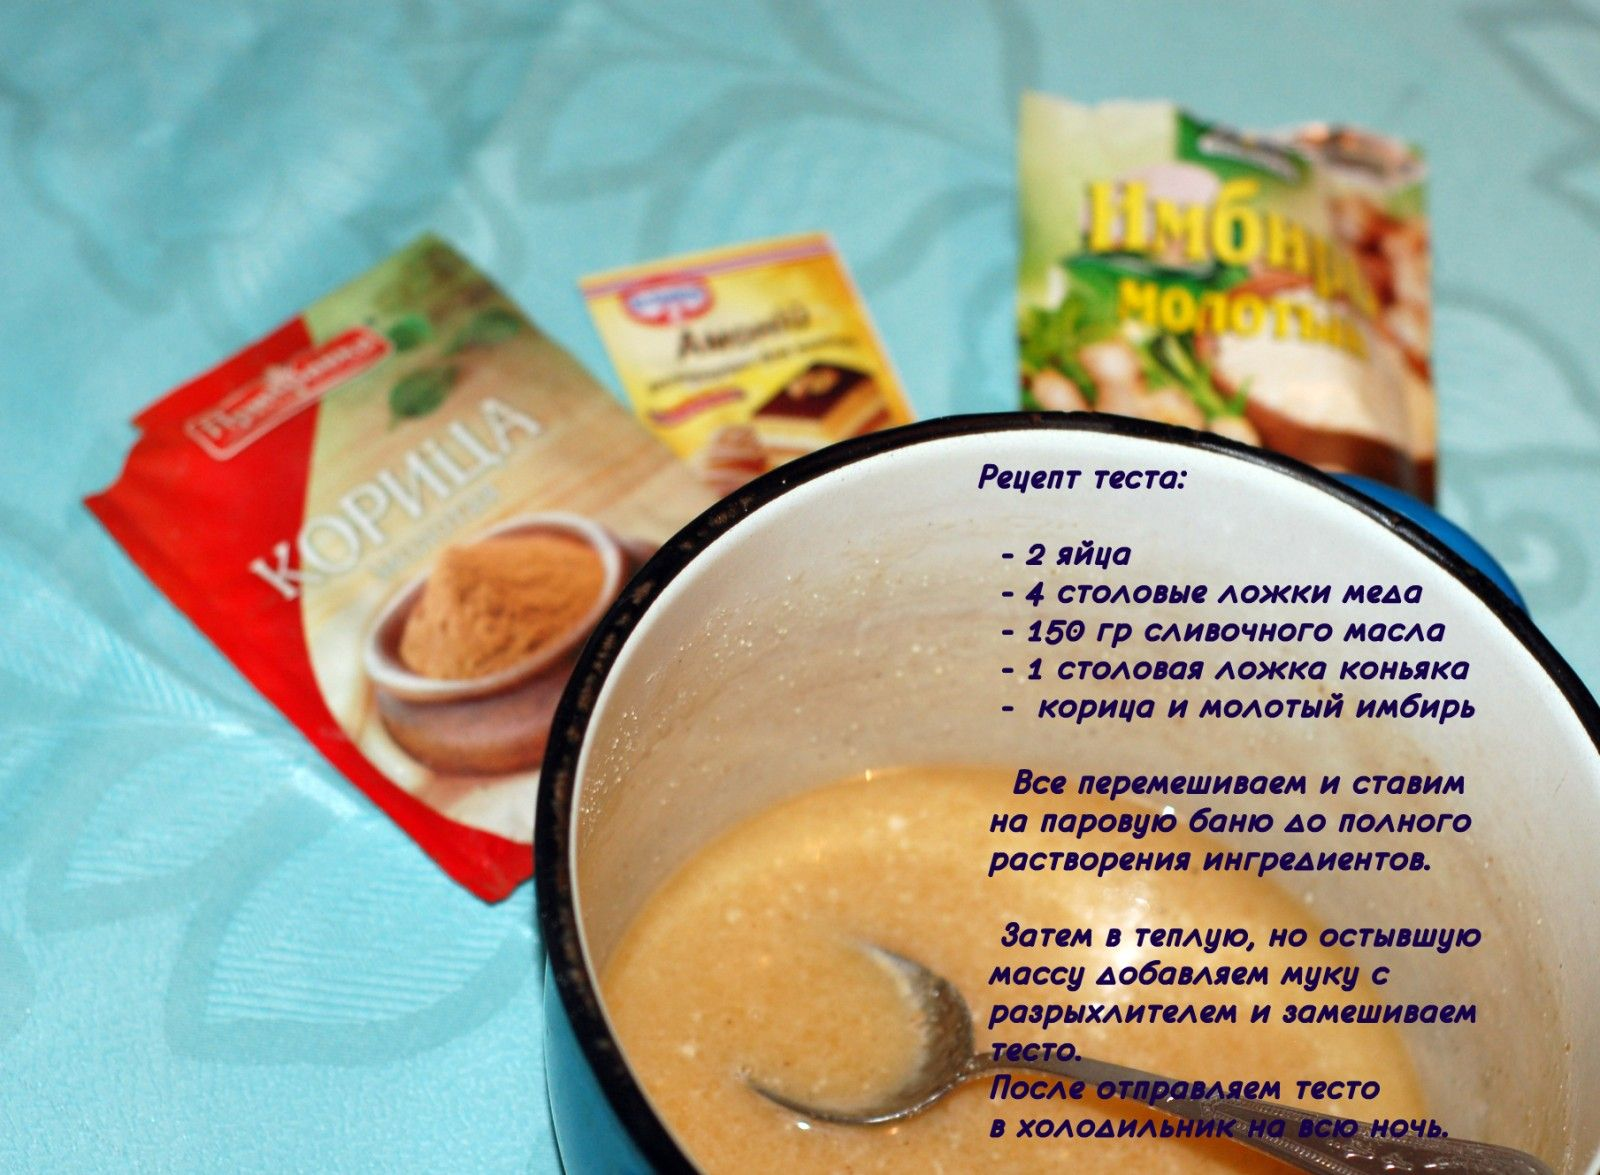 Рецепт тесто 6 столовых ложек масла